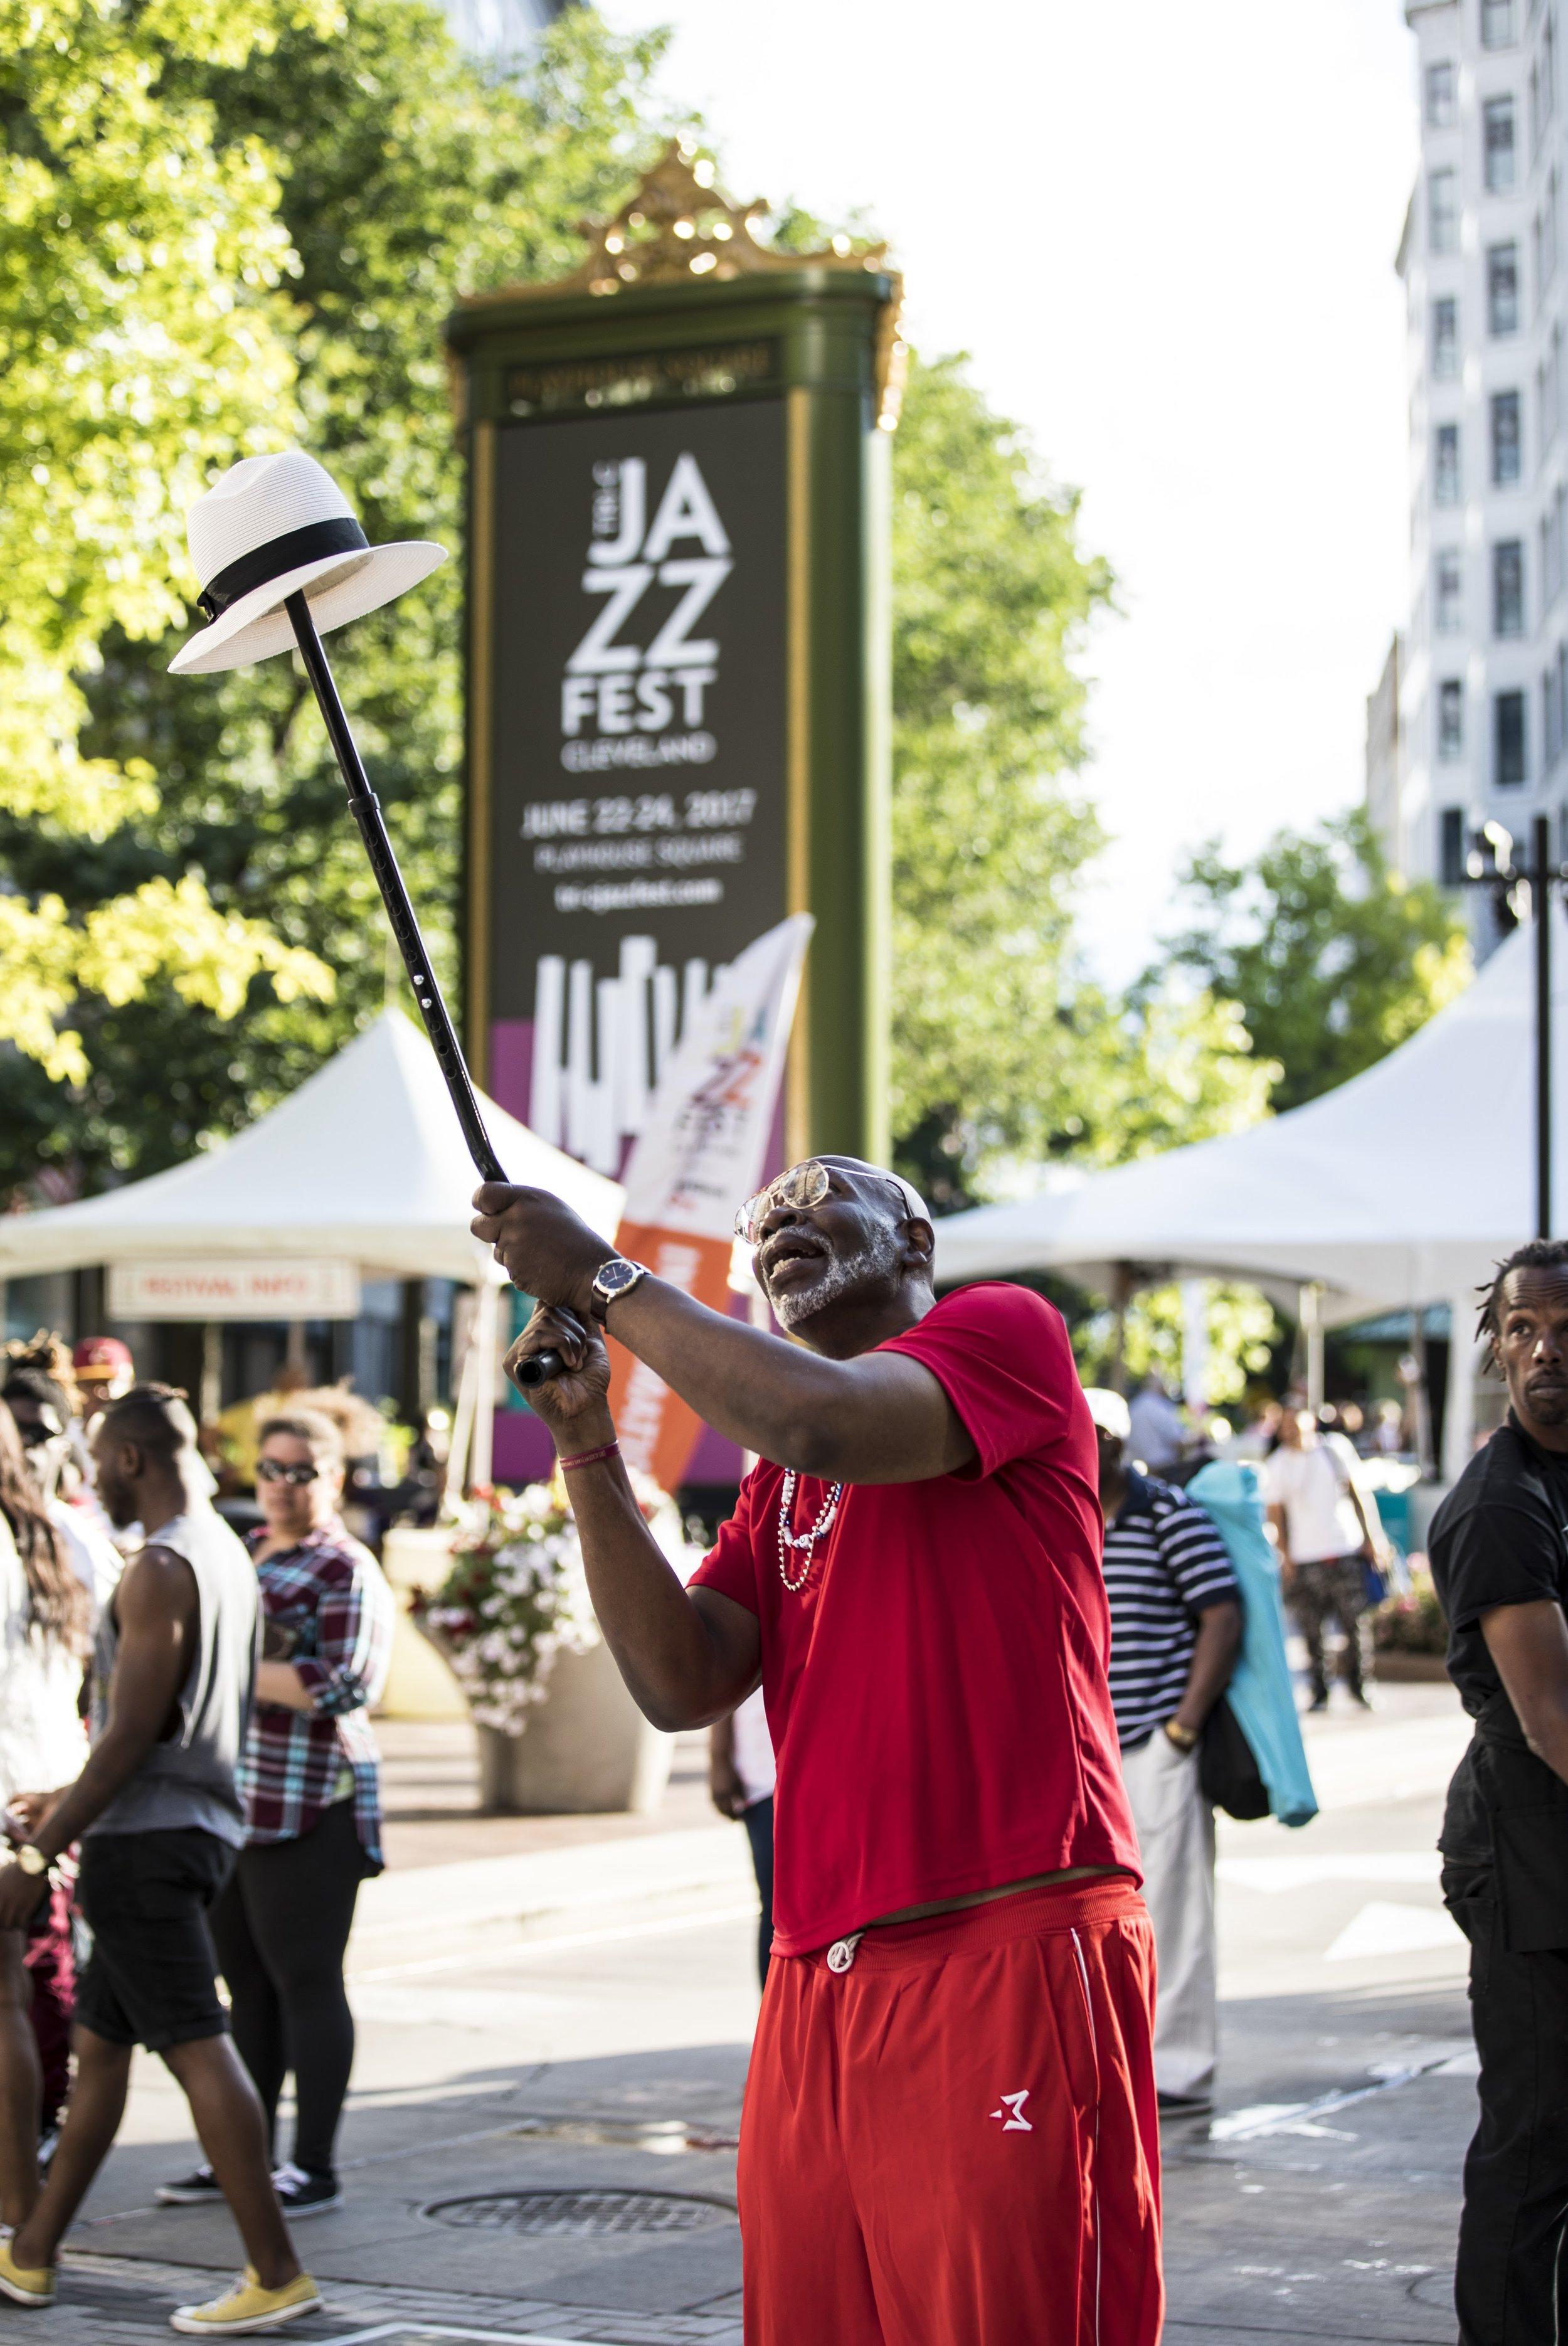 32-jazzfest-6-24-17.jpg